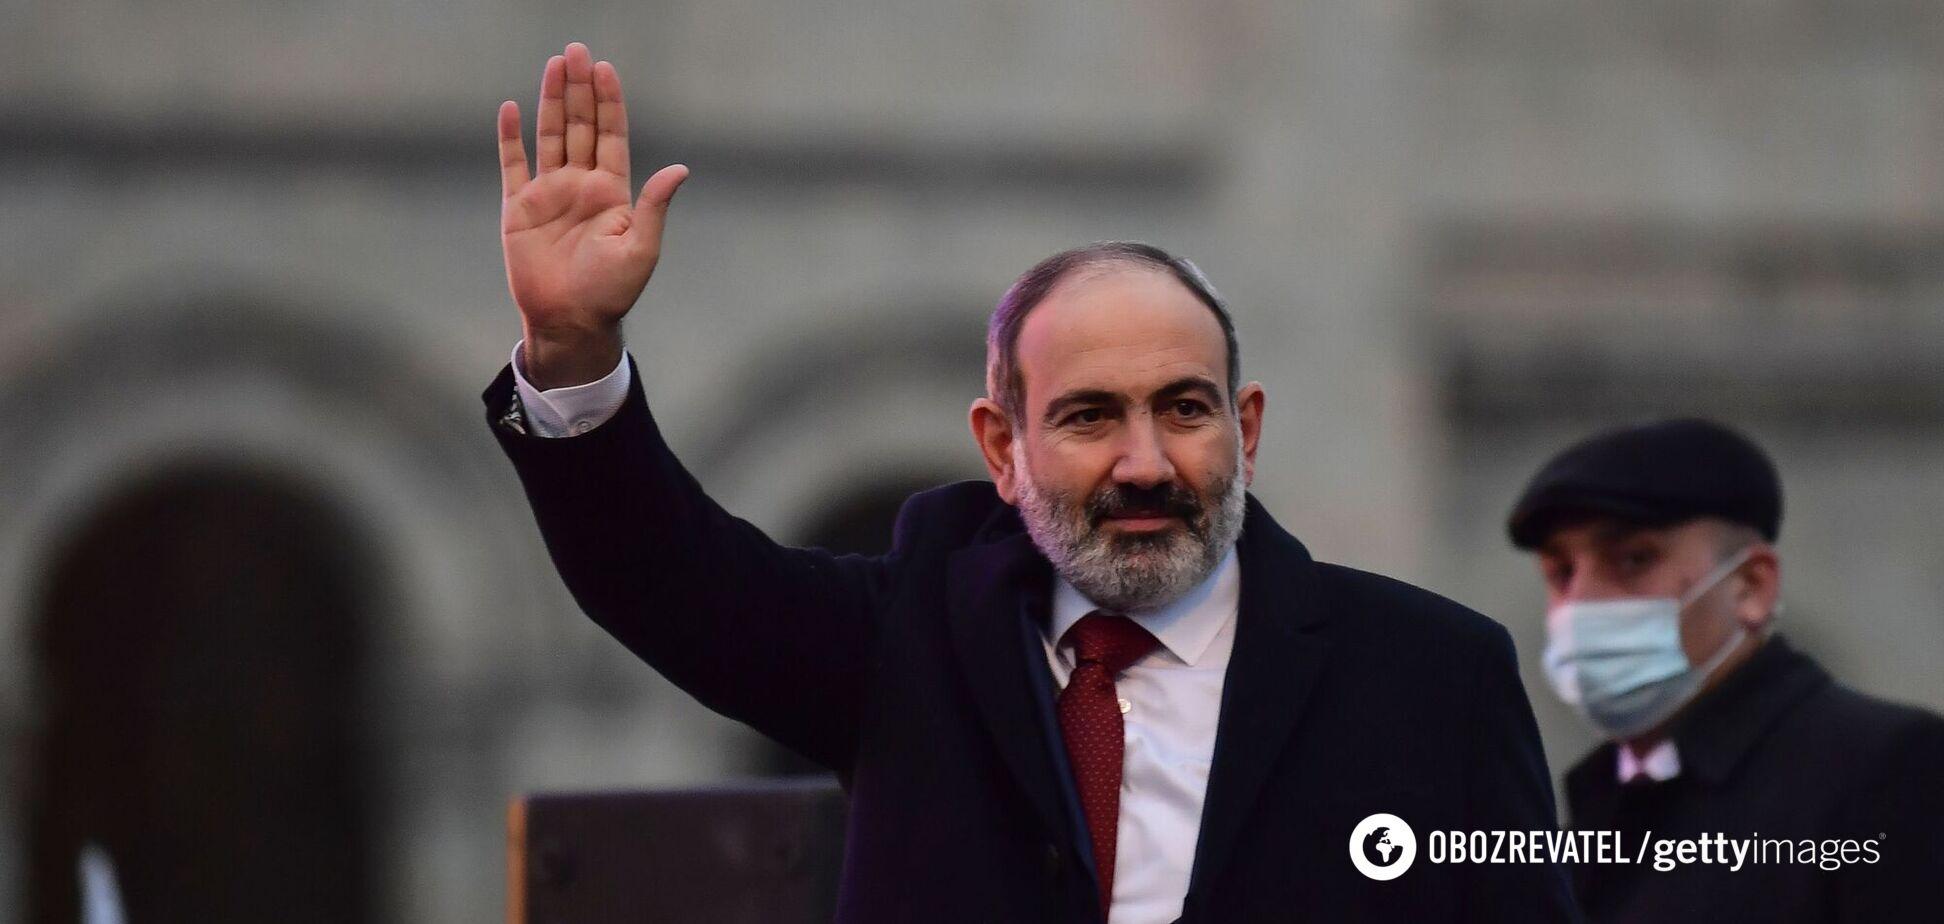 Прем'єр Вірменії Пашинян пішов у відставку: коли будуть перевибори